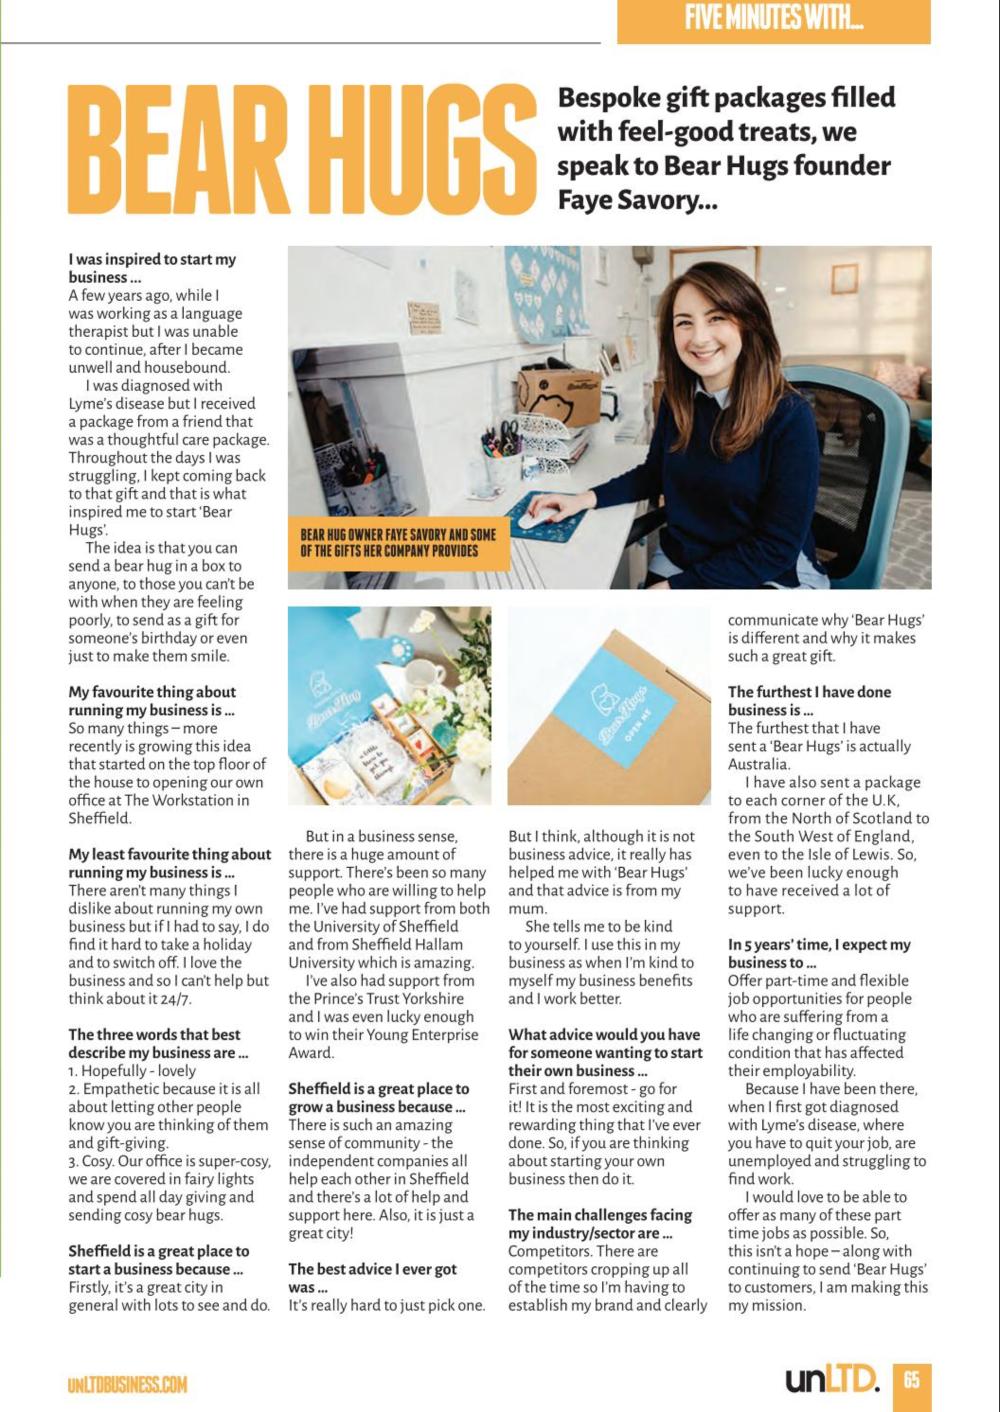 BearHugs Faye Savory Feature in UnLtd Magazine Sheffield